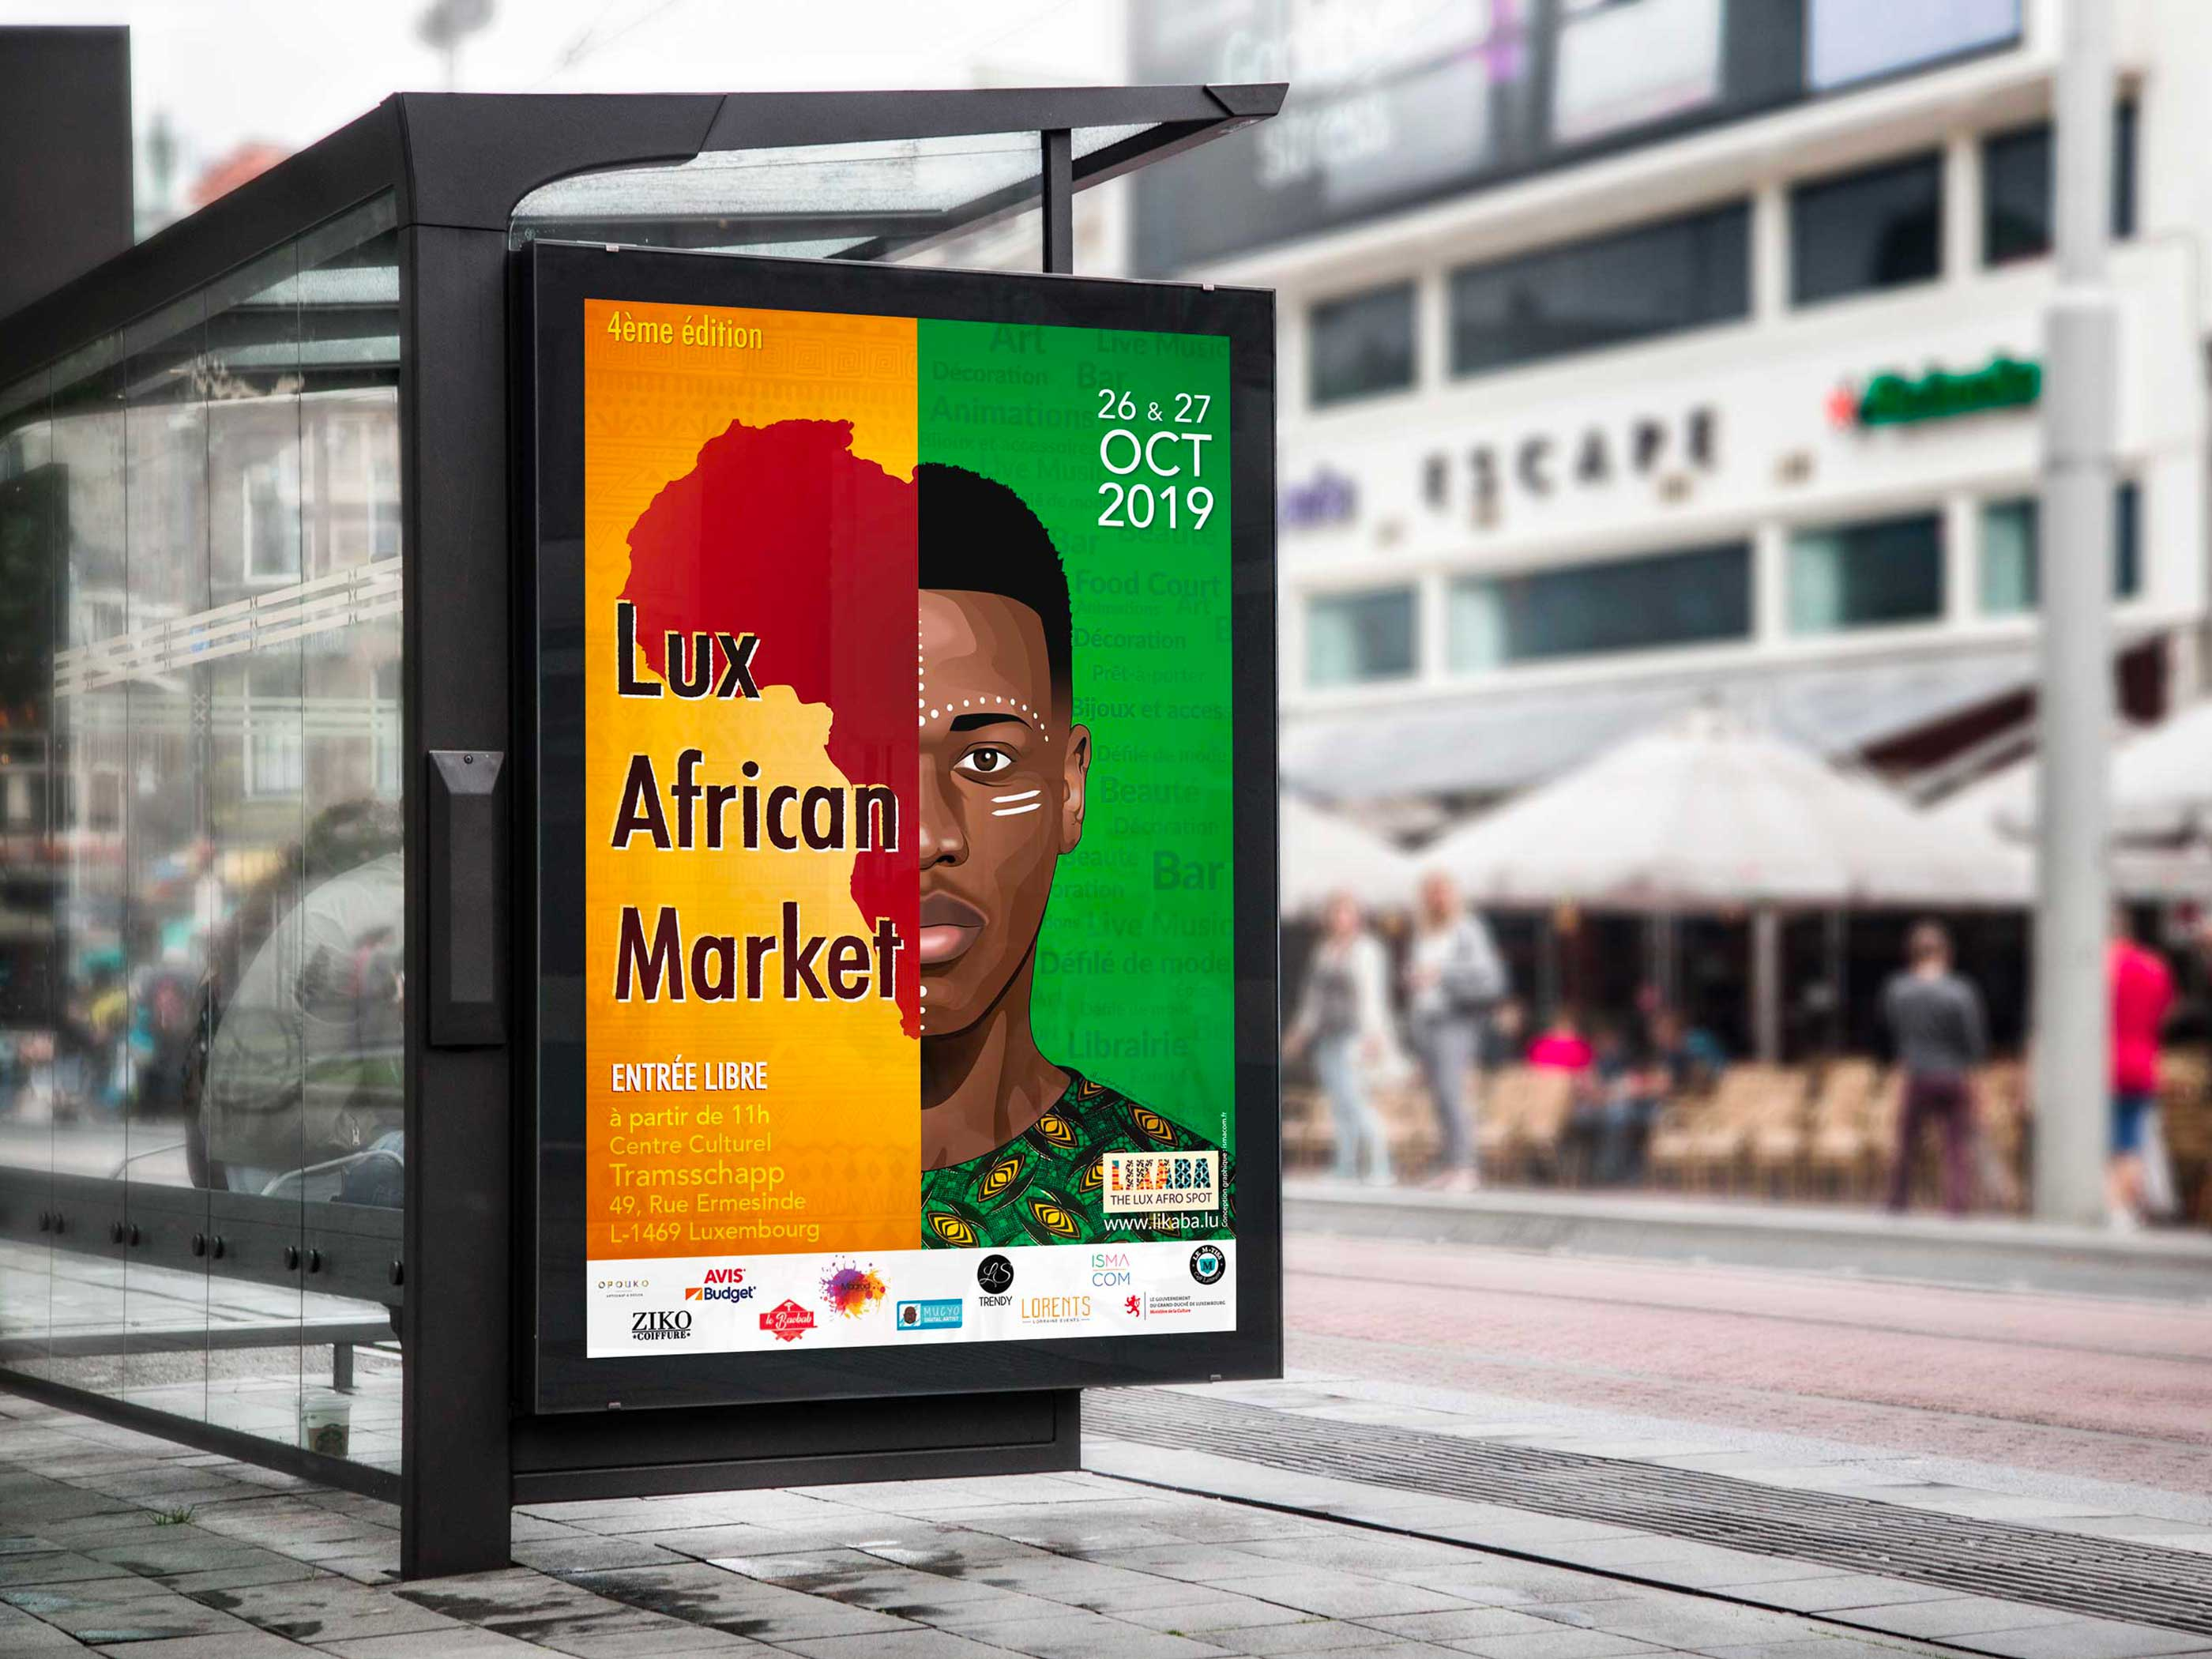 Affiche de l'evenement Lux African Market 2019 présenté sur un arrêt de bus